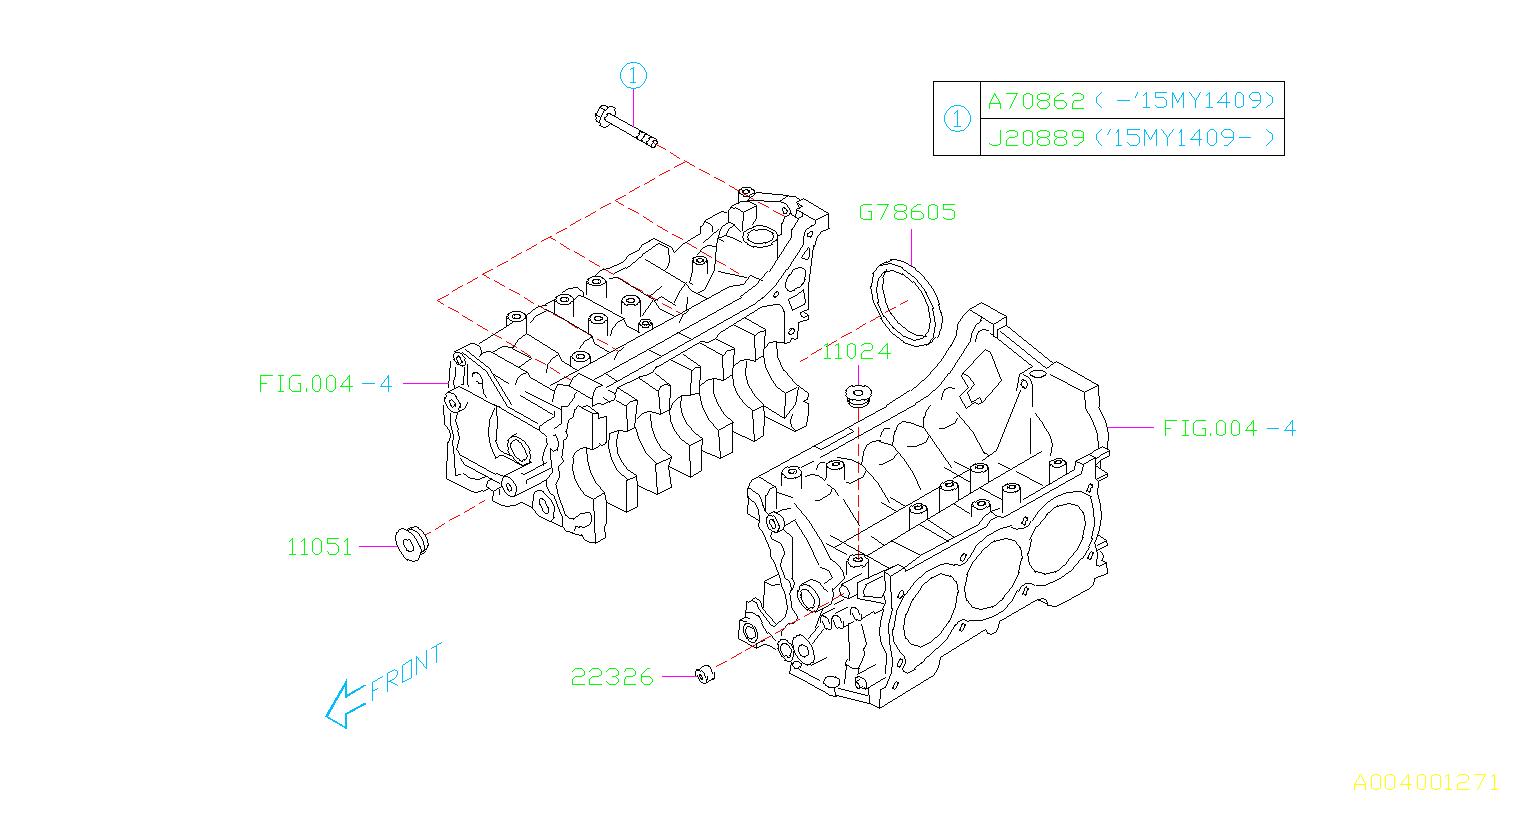 Subaru Legacy Cylinder Diagram